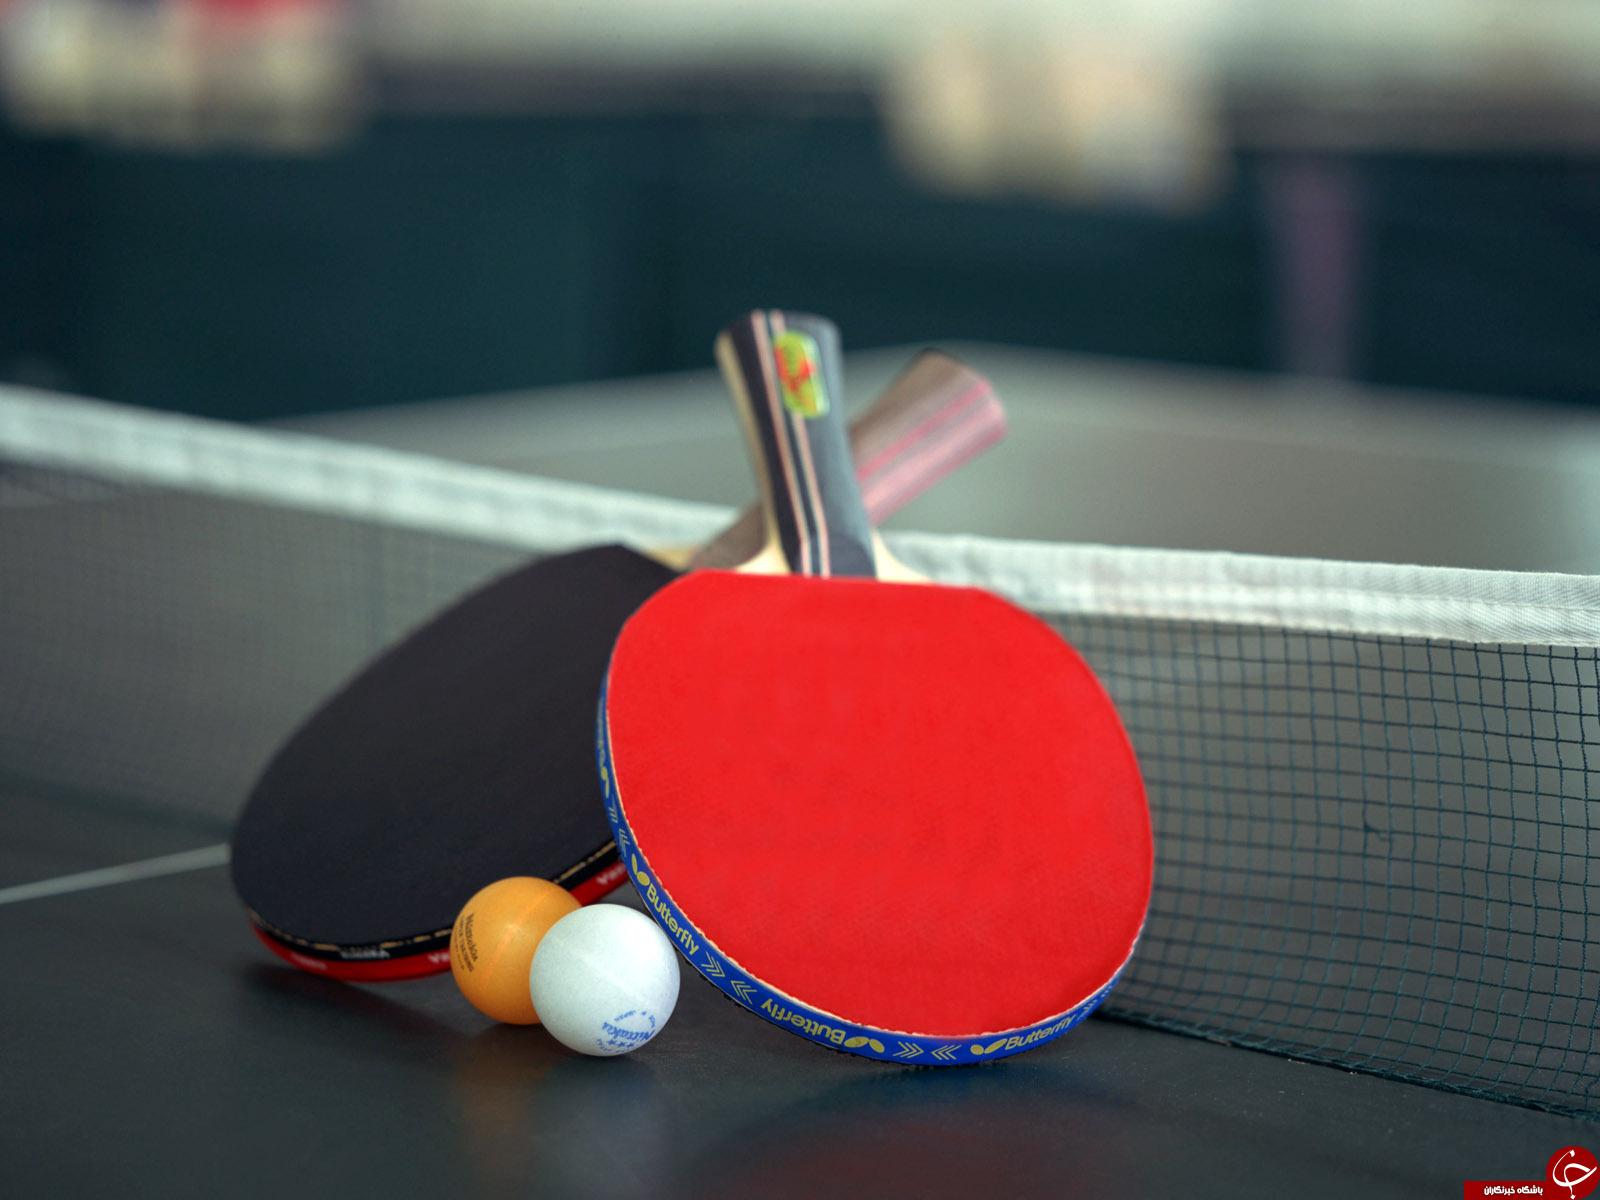 سیر تا پیاز ورزشی به نام؛ تنیس روی میز